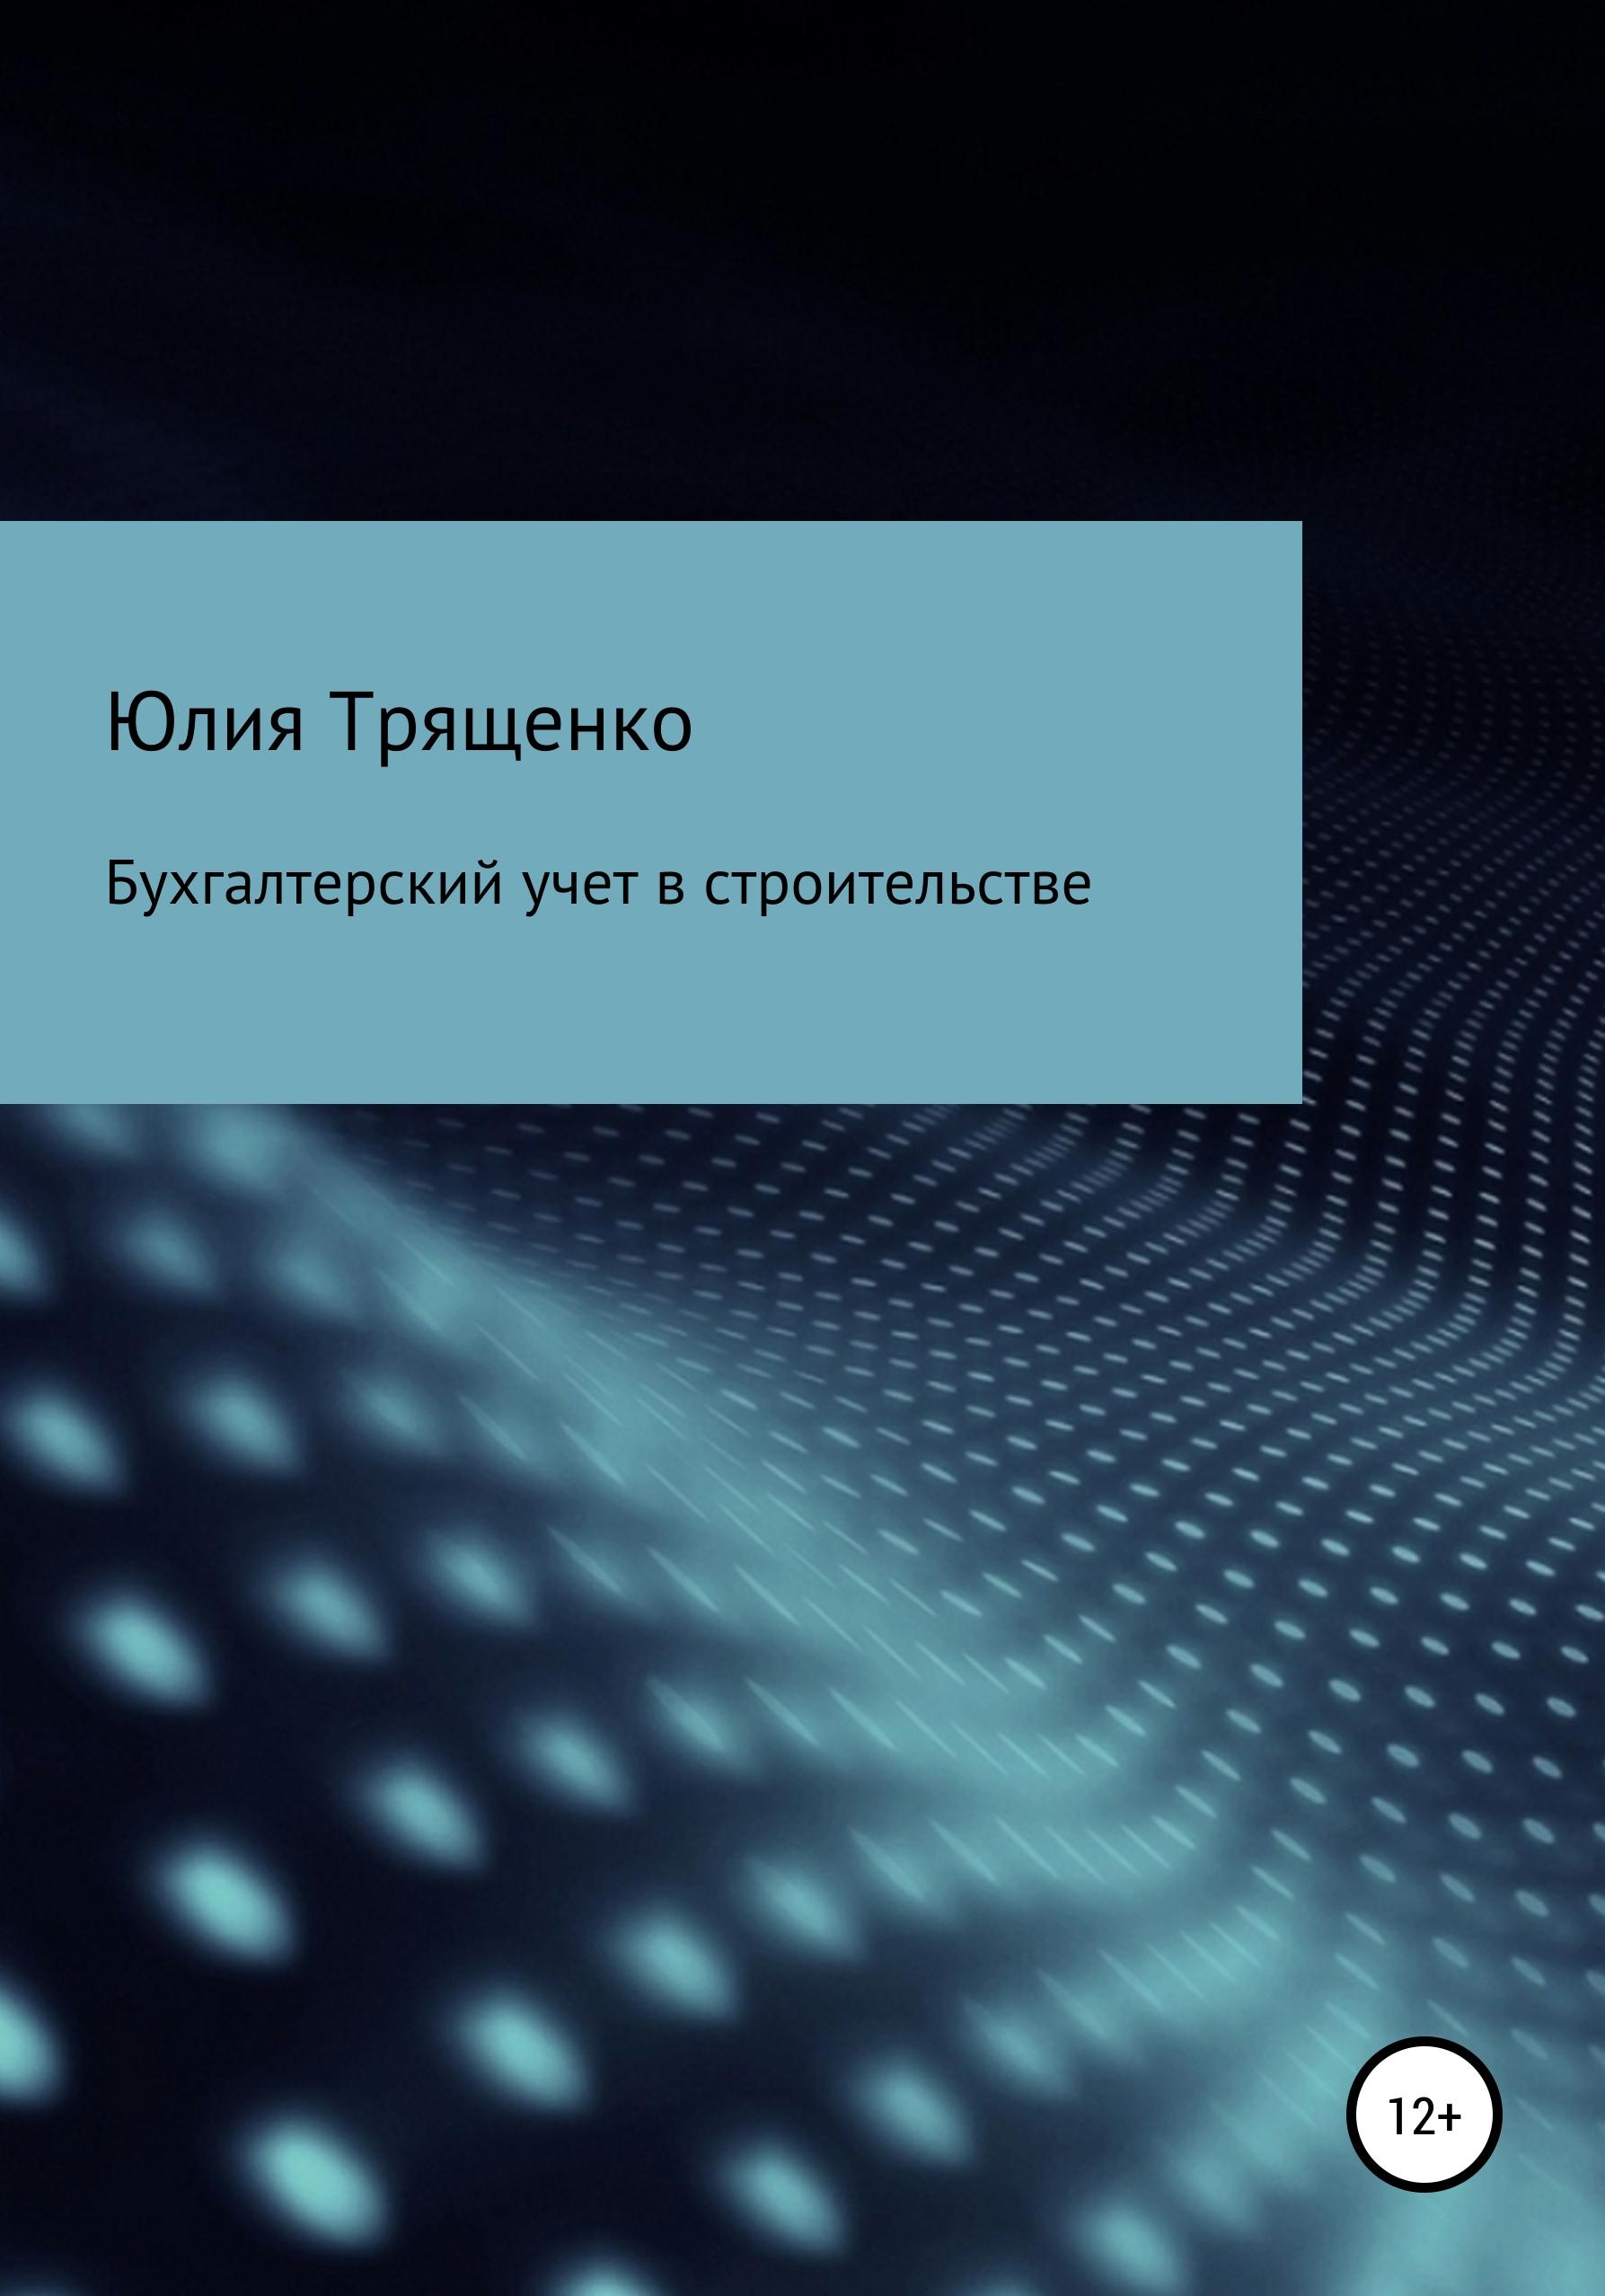 Юлия Трященко - Бухгалтерский учет в строительстве